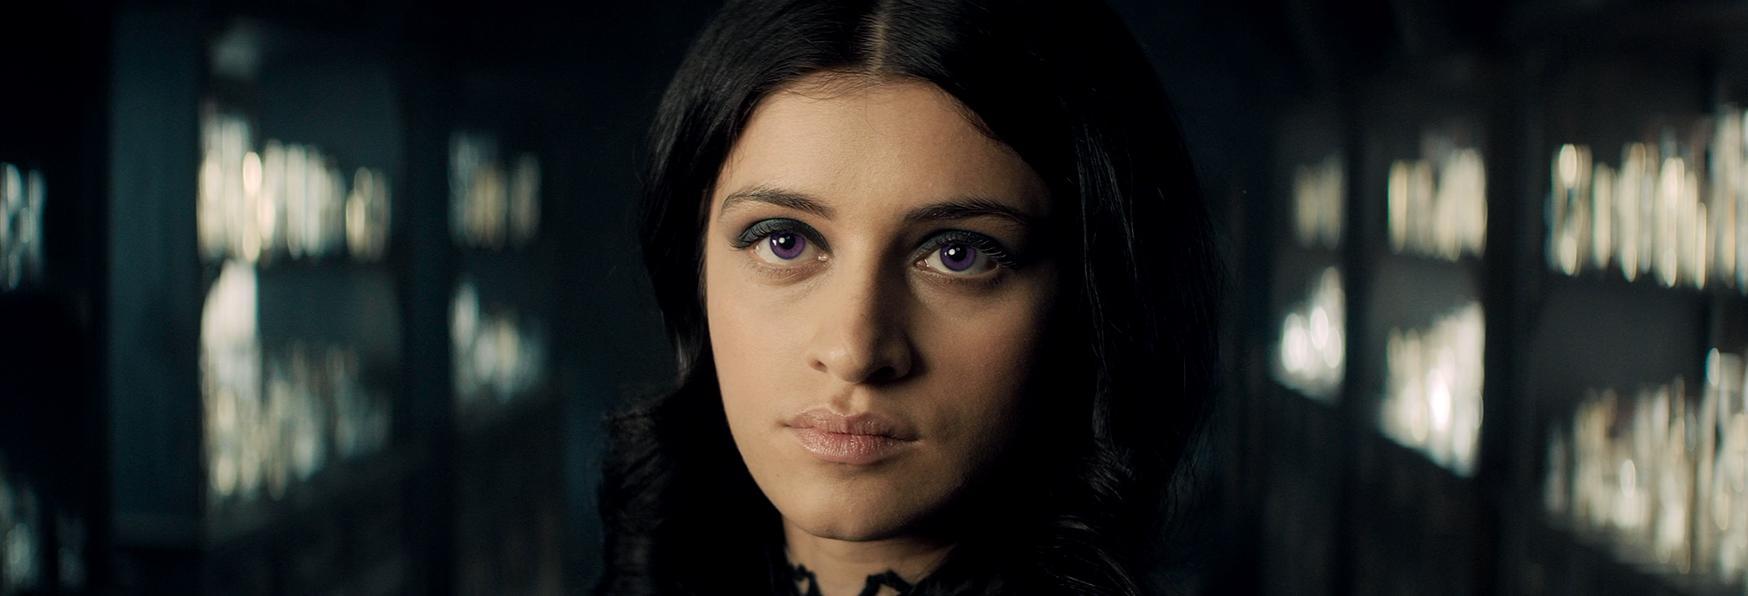 The Witcher: Anya Chalotra svela la più Grande Difficoltà avuta nell'Interpretare Yennefer